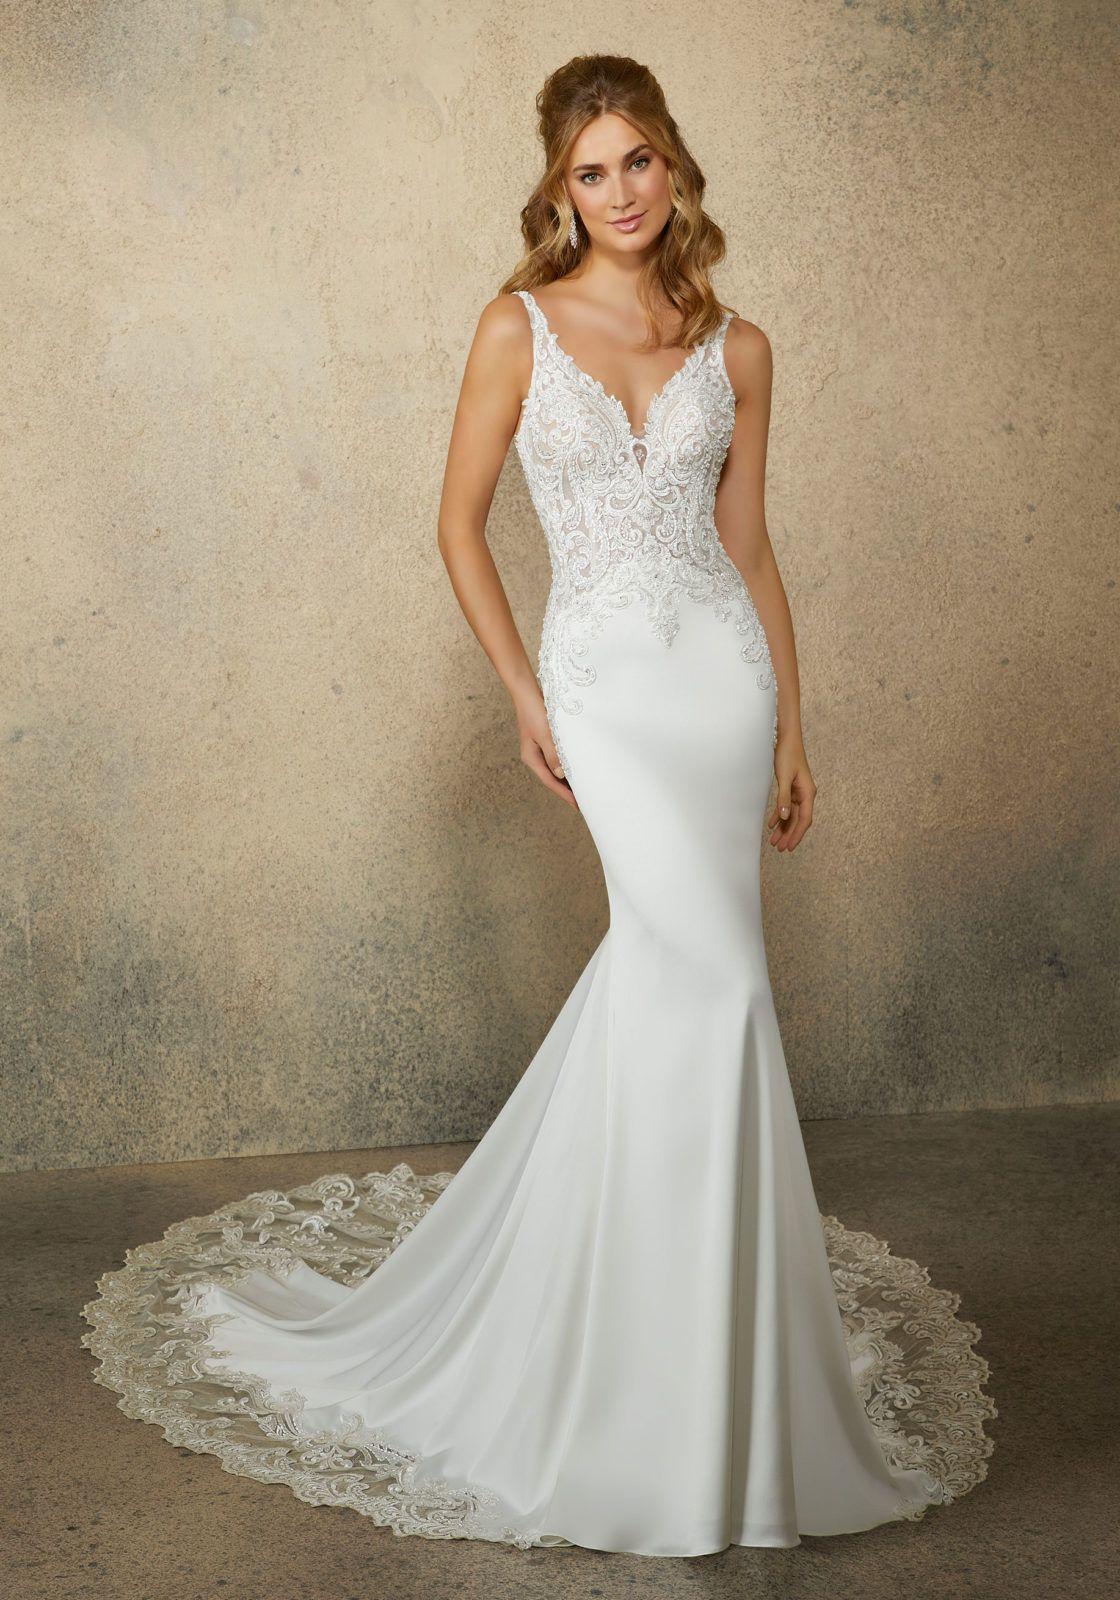 Raya Wedding Dress Morilee Jovani Wedding Dresses Bridal Wedding Dresses Wedding Dresses